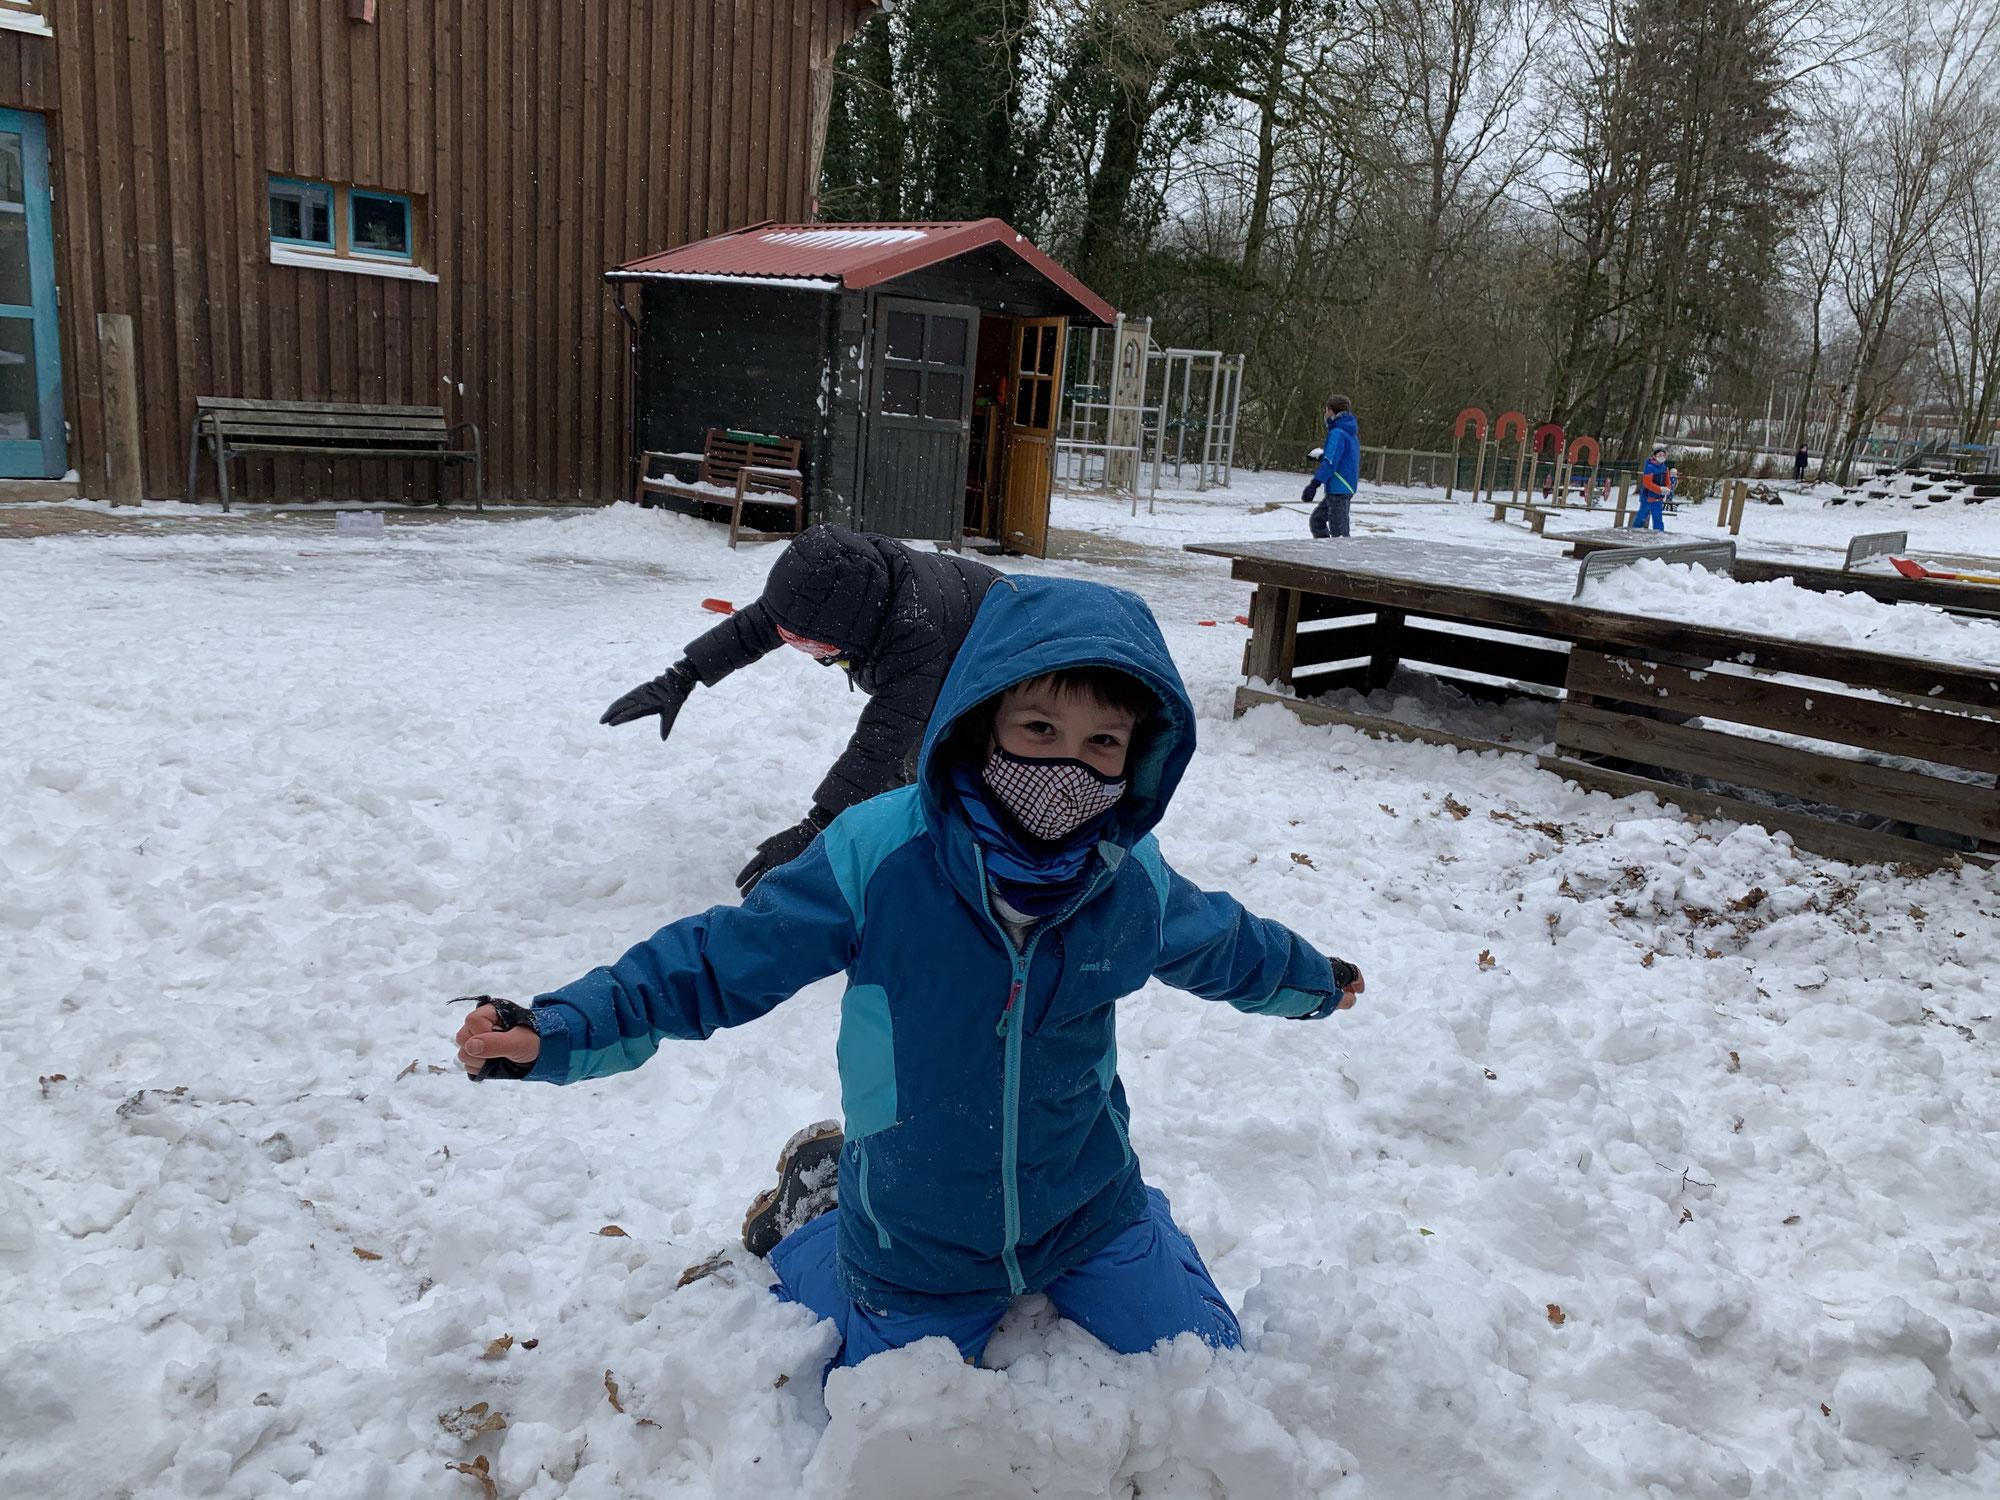 Endlich richtiger Schnee!